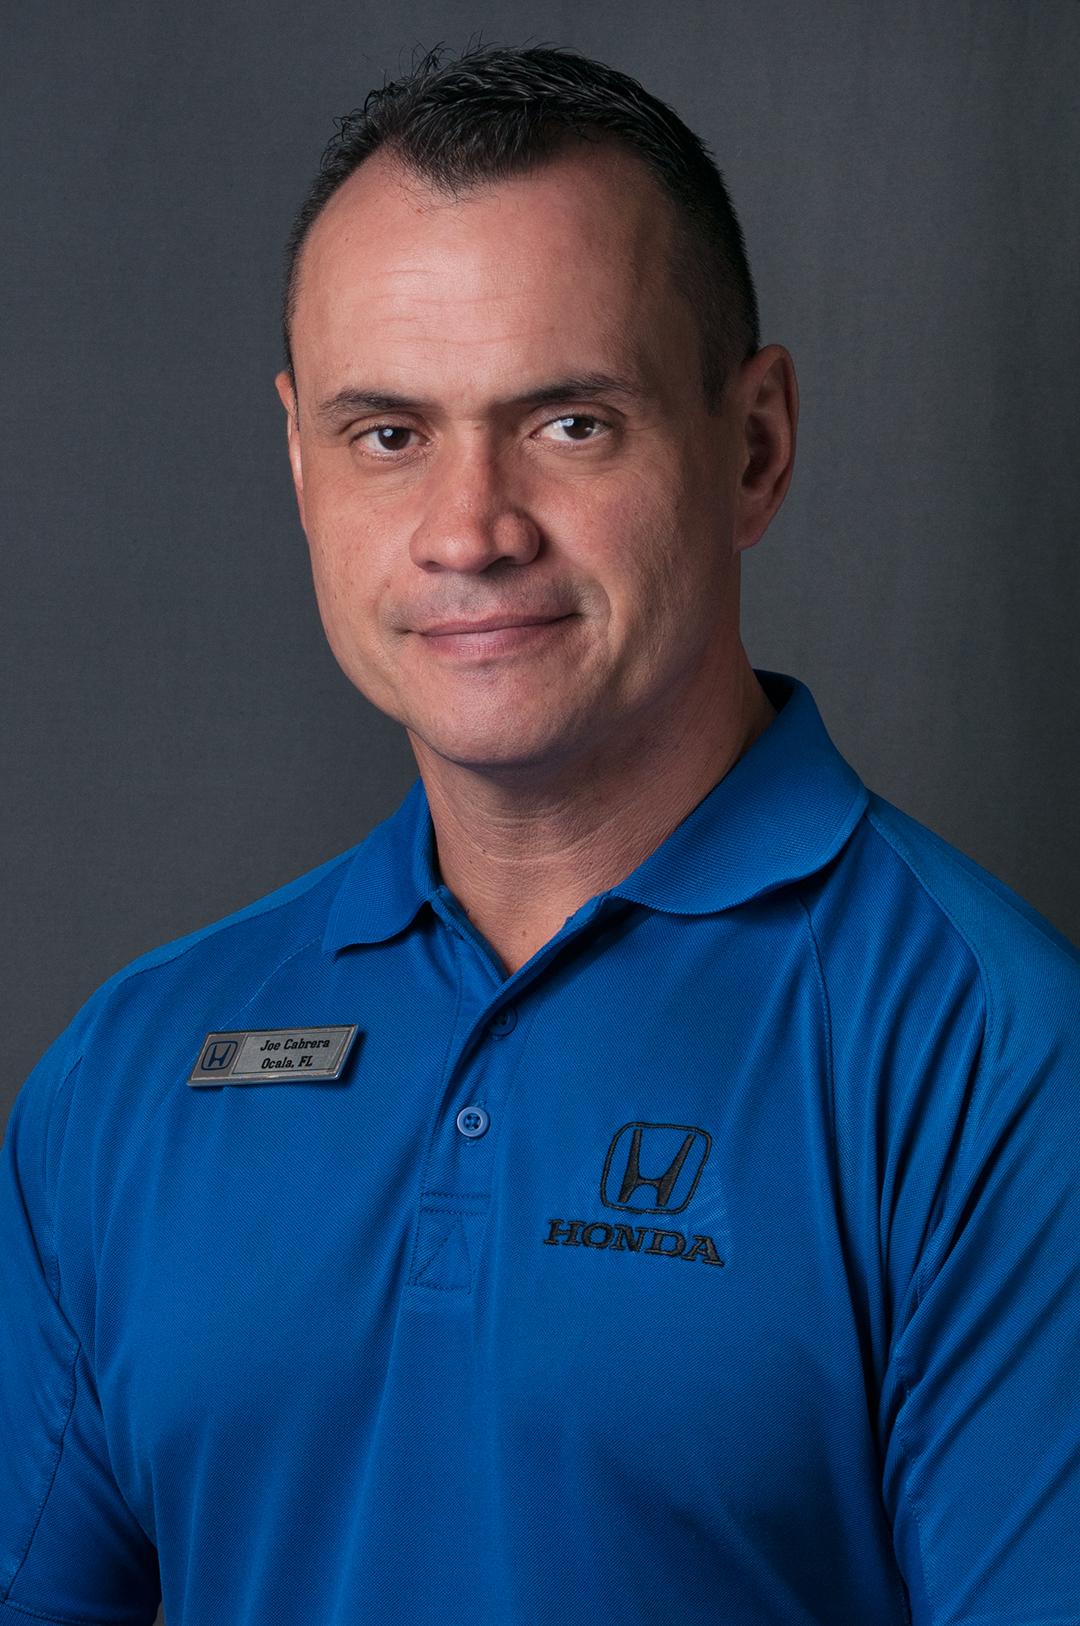 Joe Cabrera Bio Image